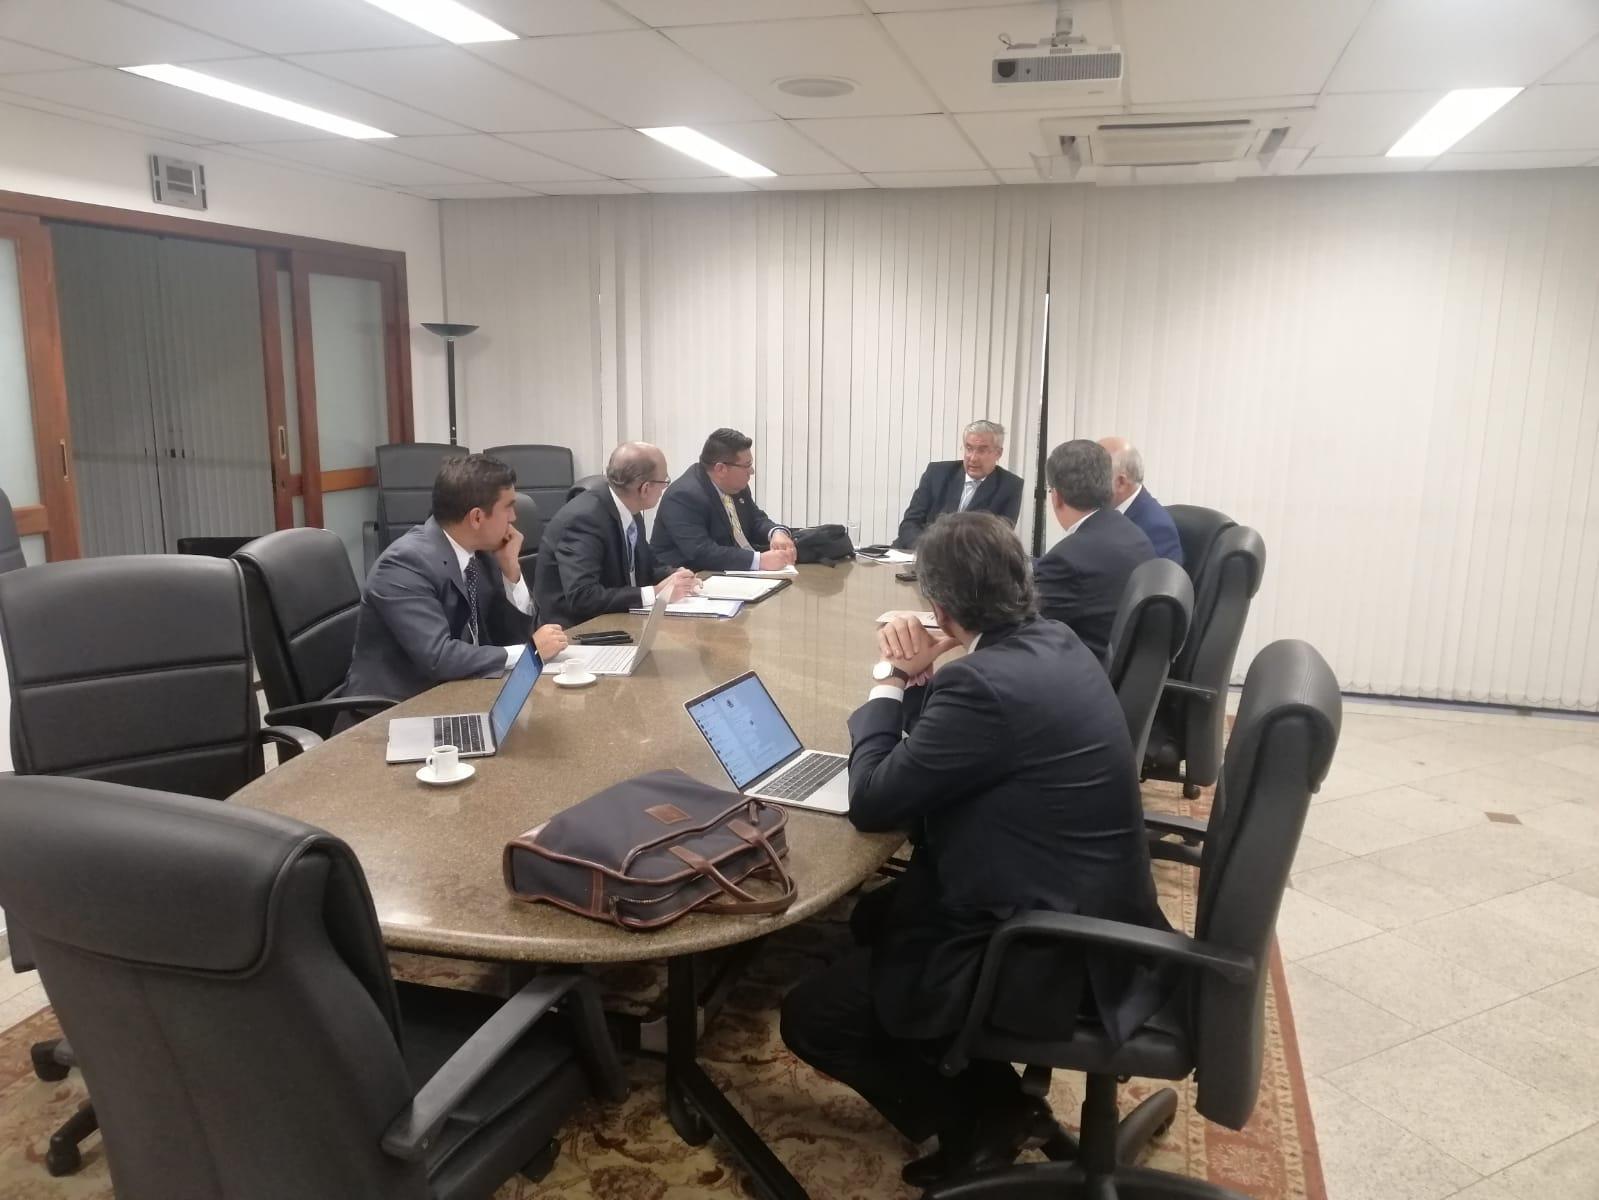 Reunión del Consejo Directivo de Fida en Sao Paulo